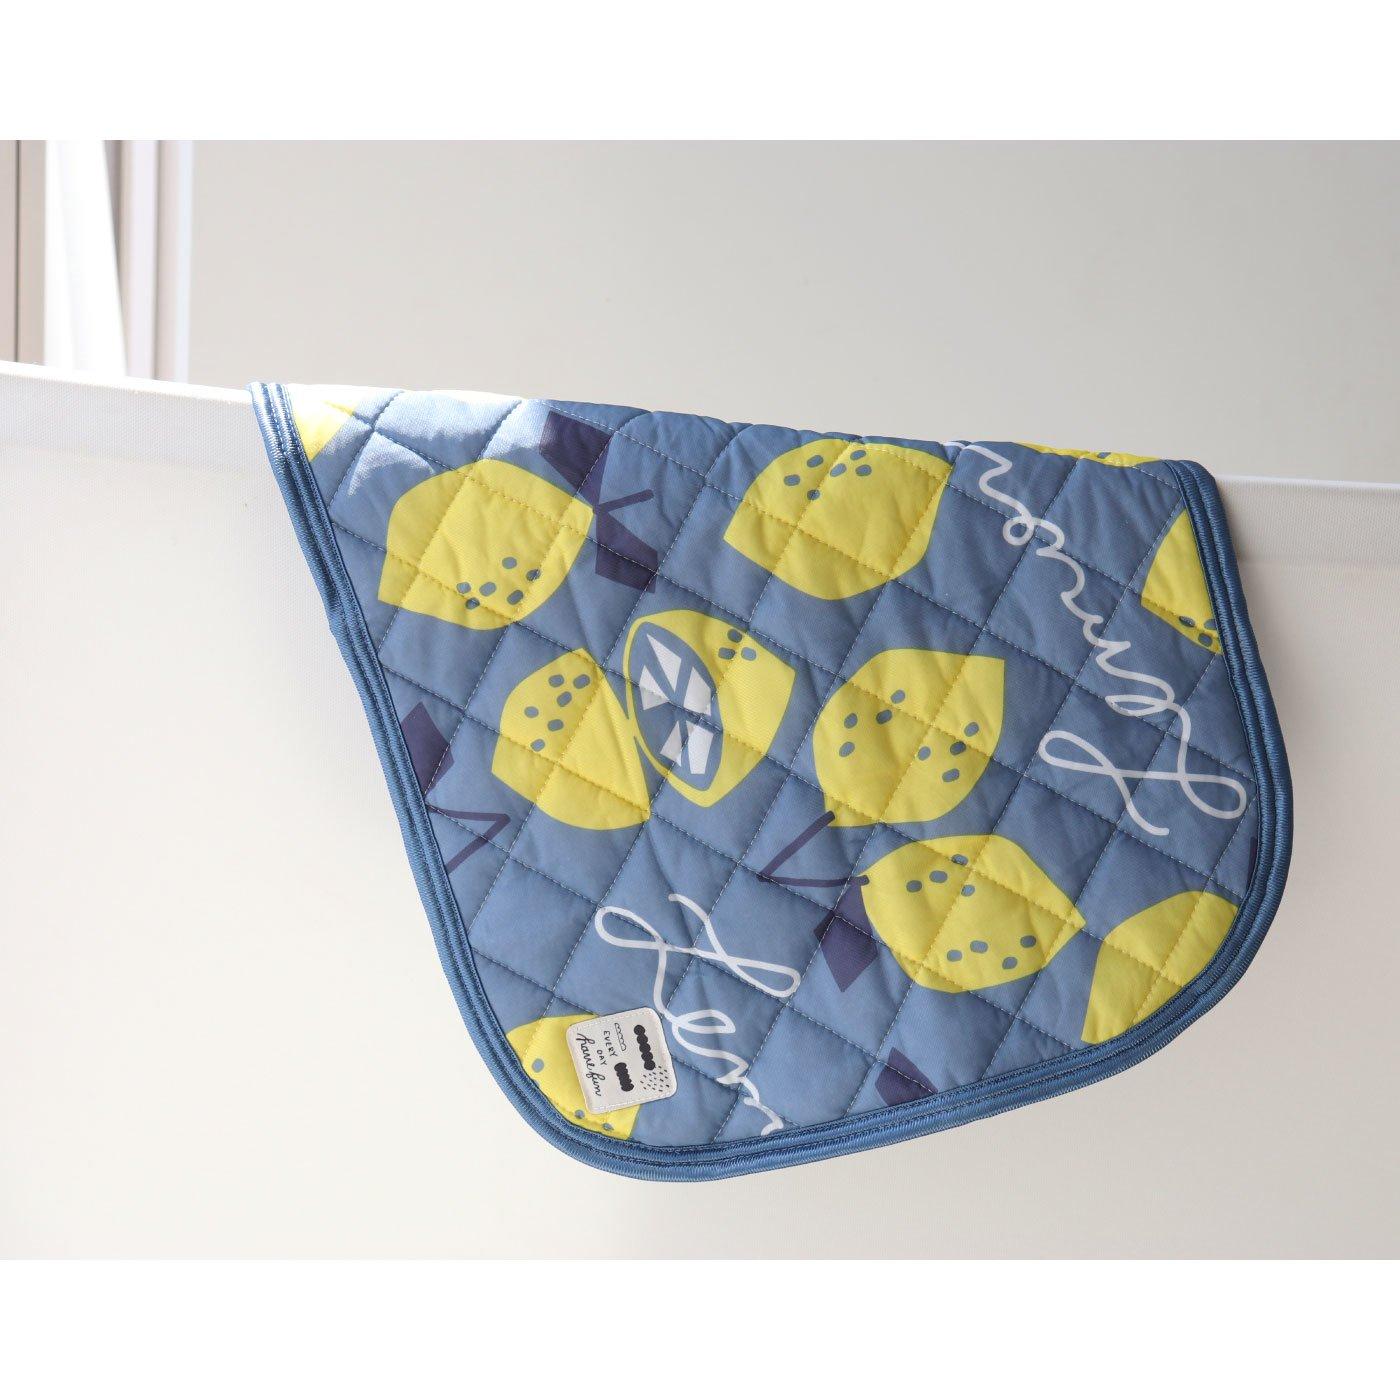 冷感素材 夏の快眠まくらパッド<爽やかレモン> ニコシェアセット